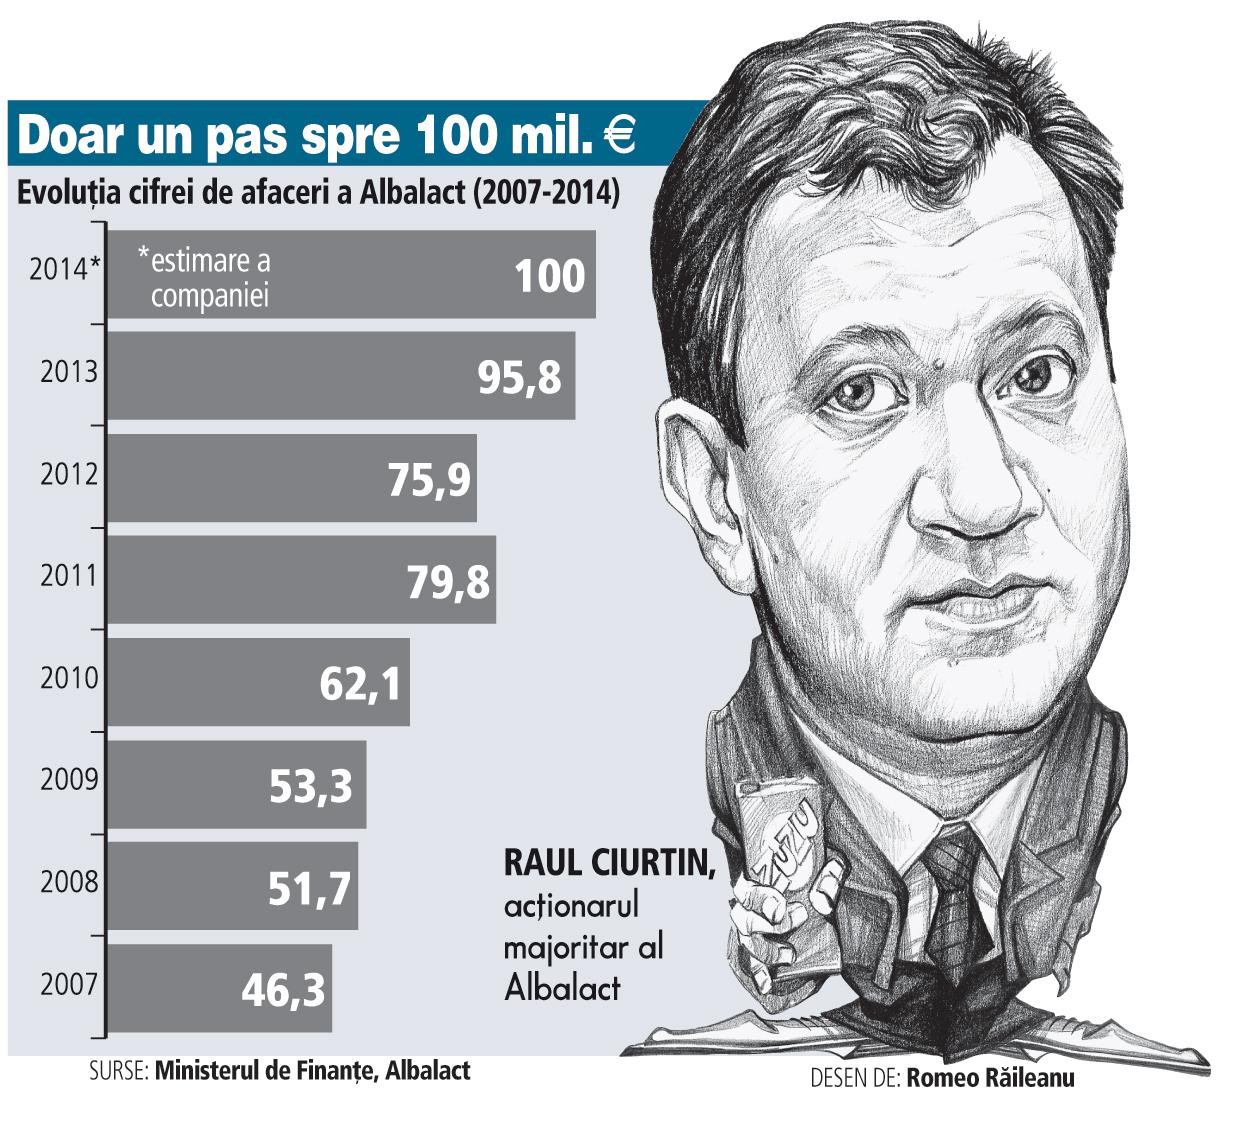 Evoluţia cifrei de afaceri a Albalact (2007-2014)